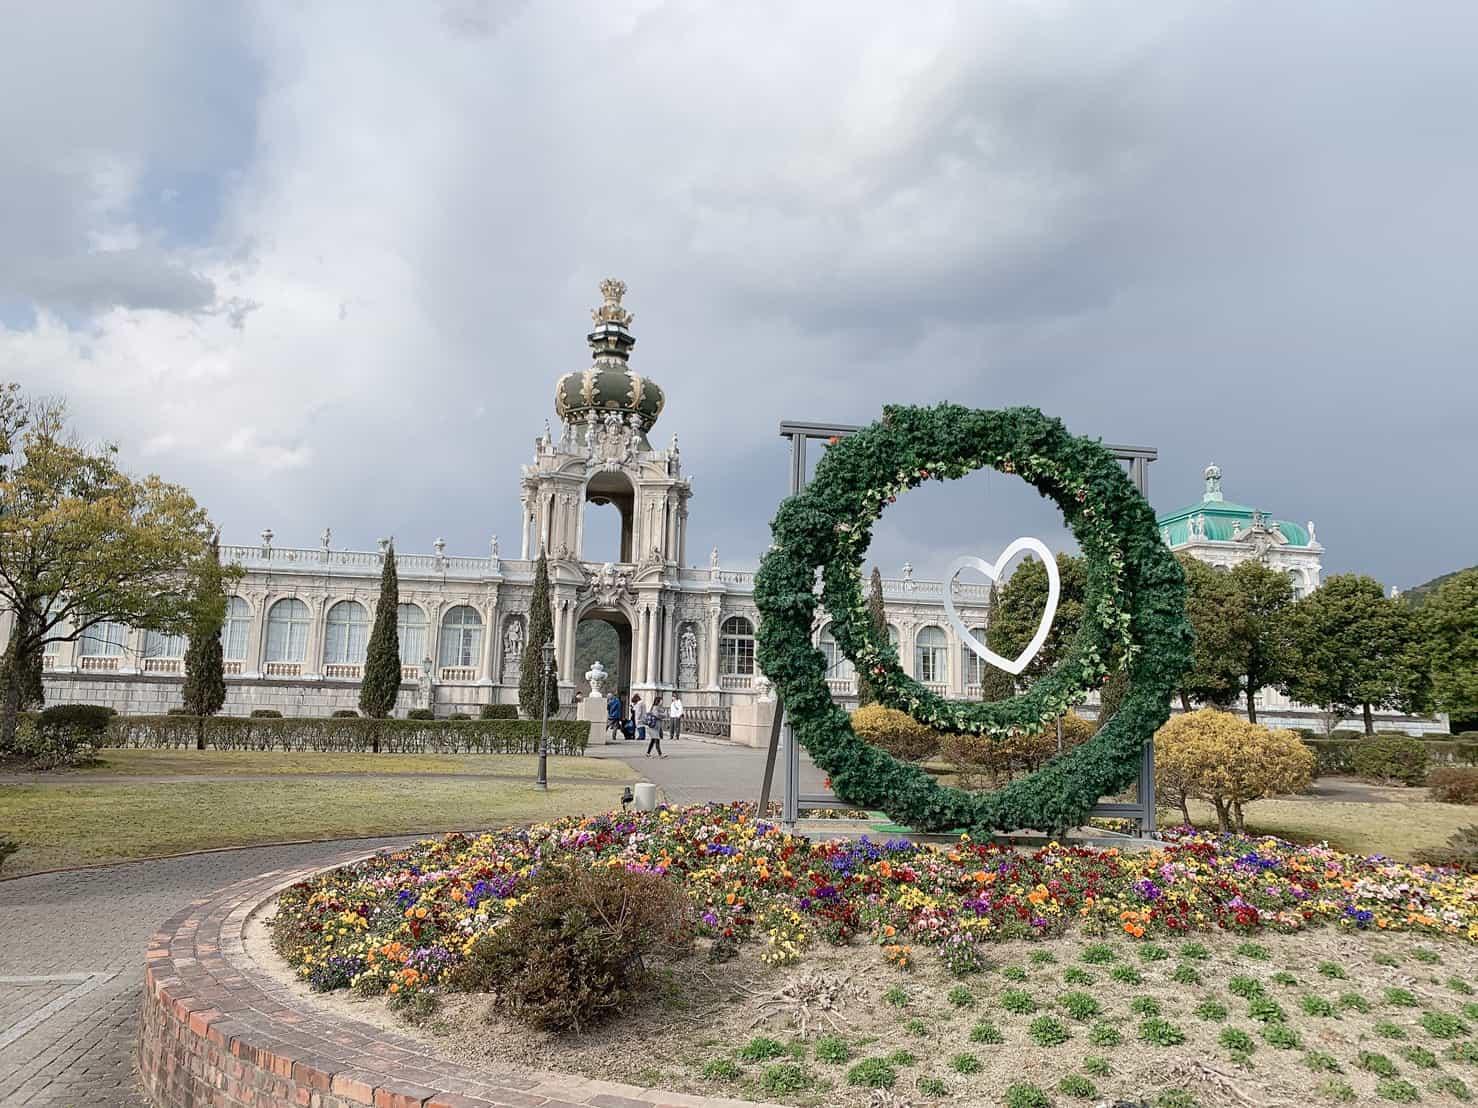 ツヴィンガー宮殿1